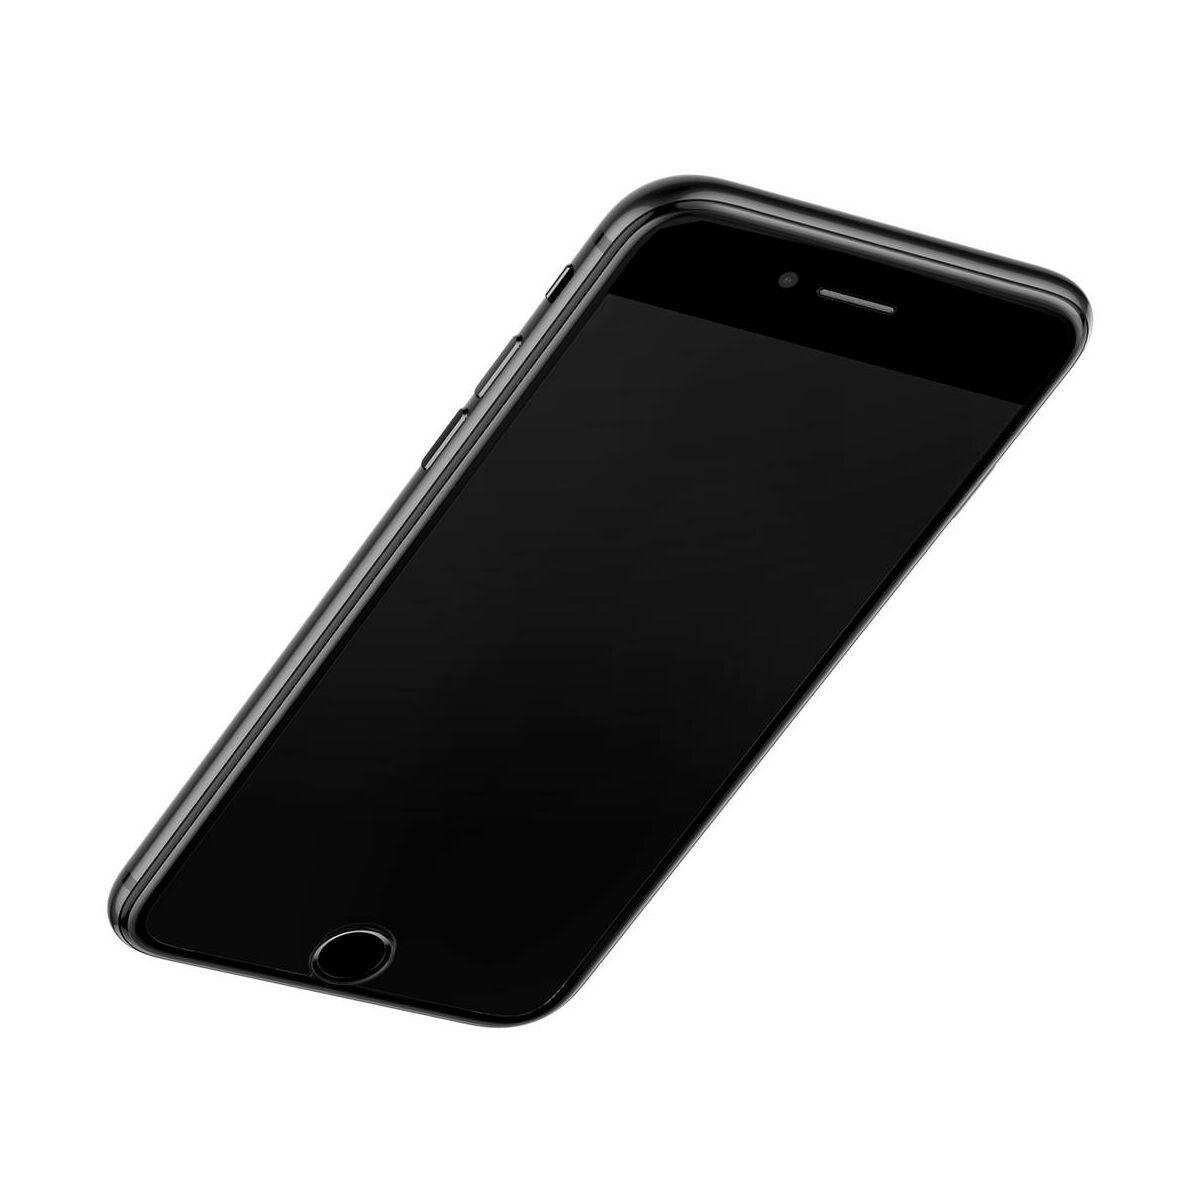 Baseus iPhone 8/7 0.23 mm, teljes felületre edzett üveg, törésálló élek, kékfény szűrős, fekete (SGAPIPH8N-HPE01)